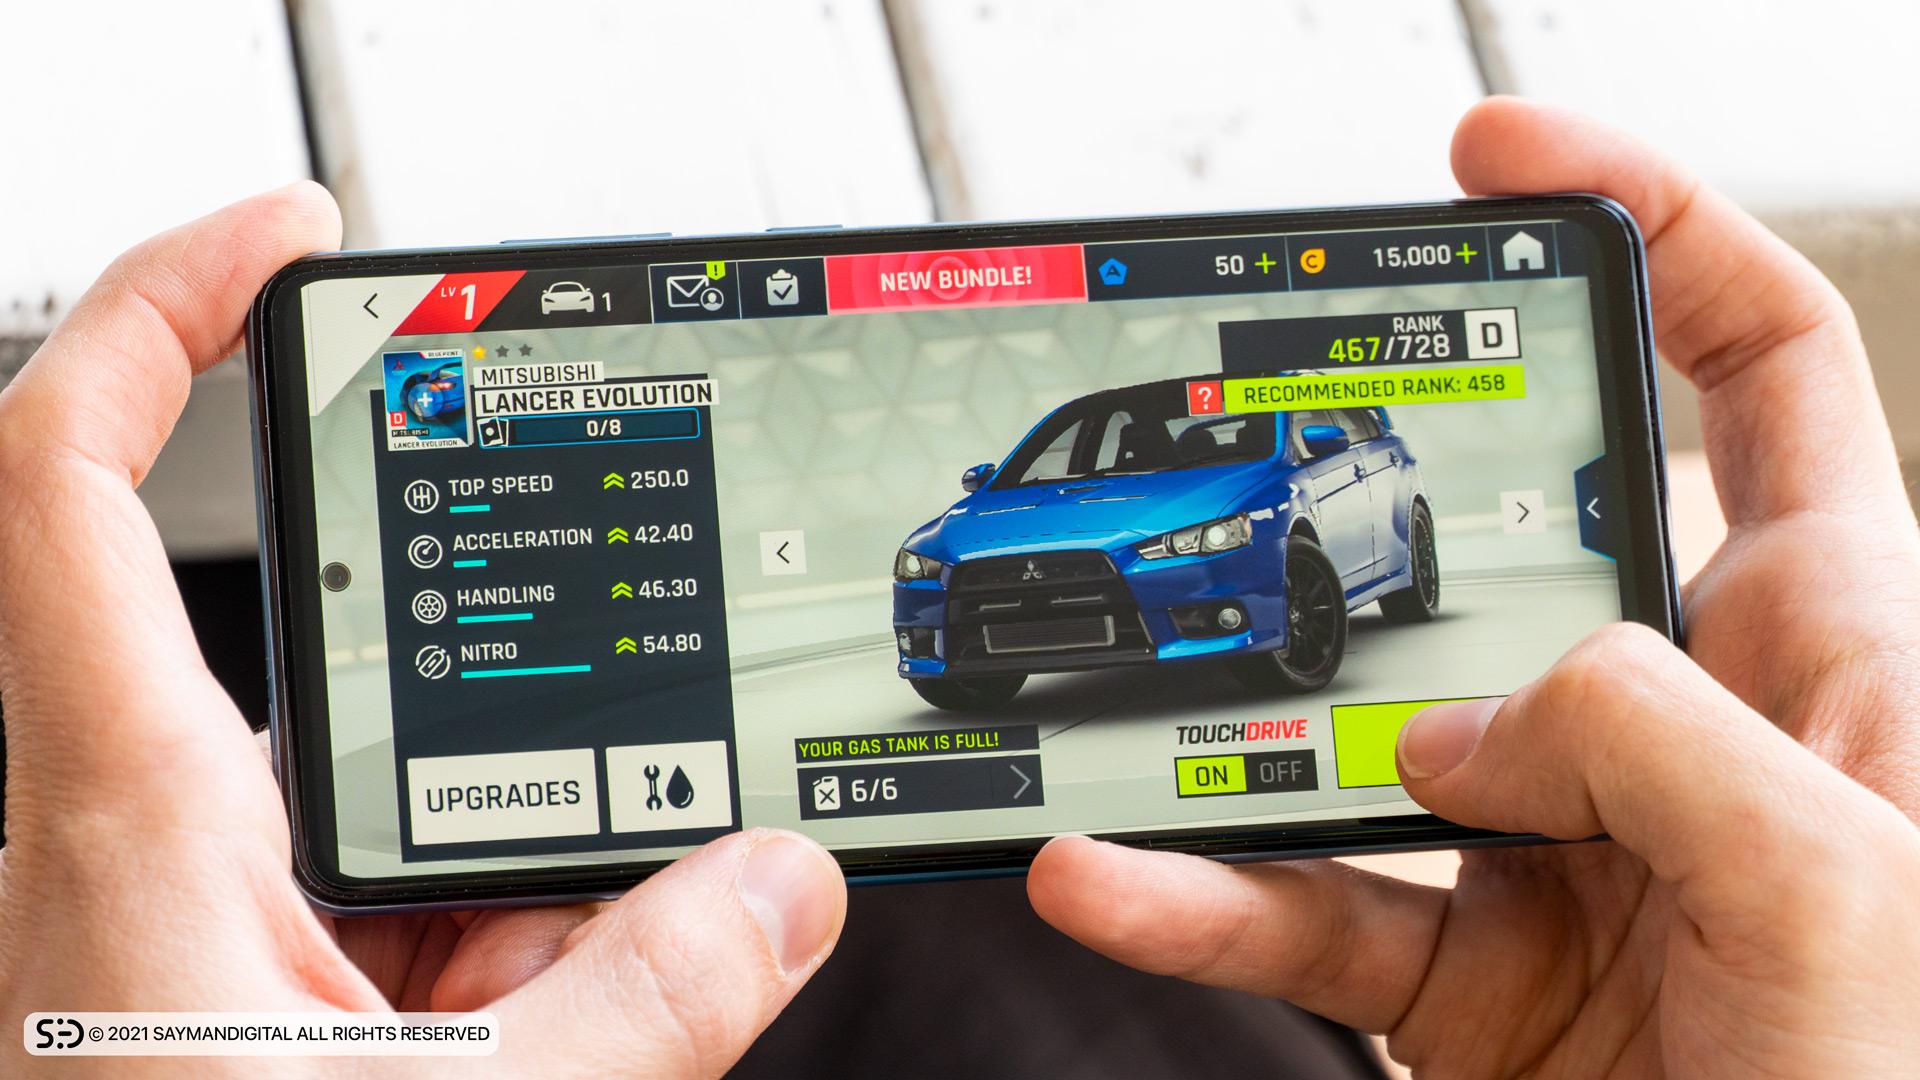 قدرت سخت افزاری در مطلب بررسی Galaxy A72